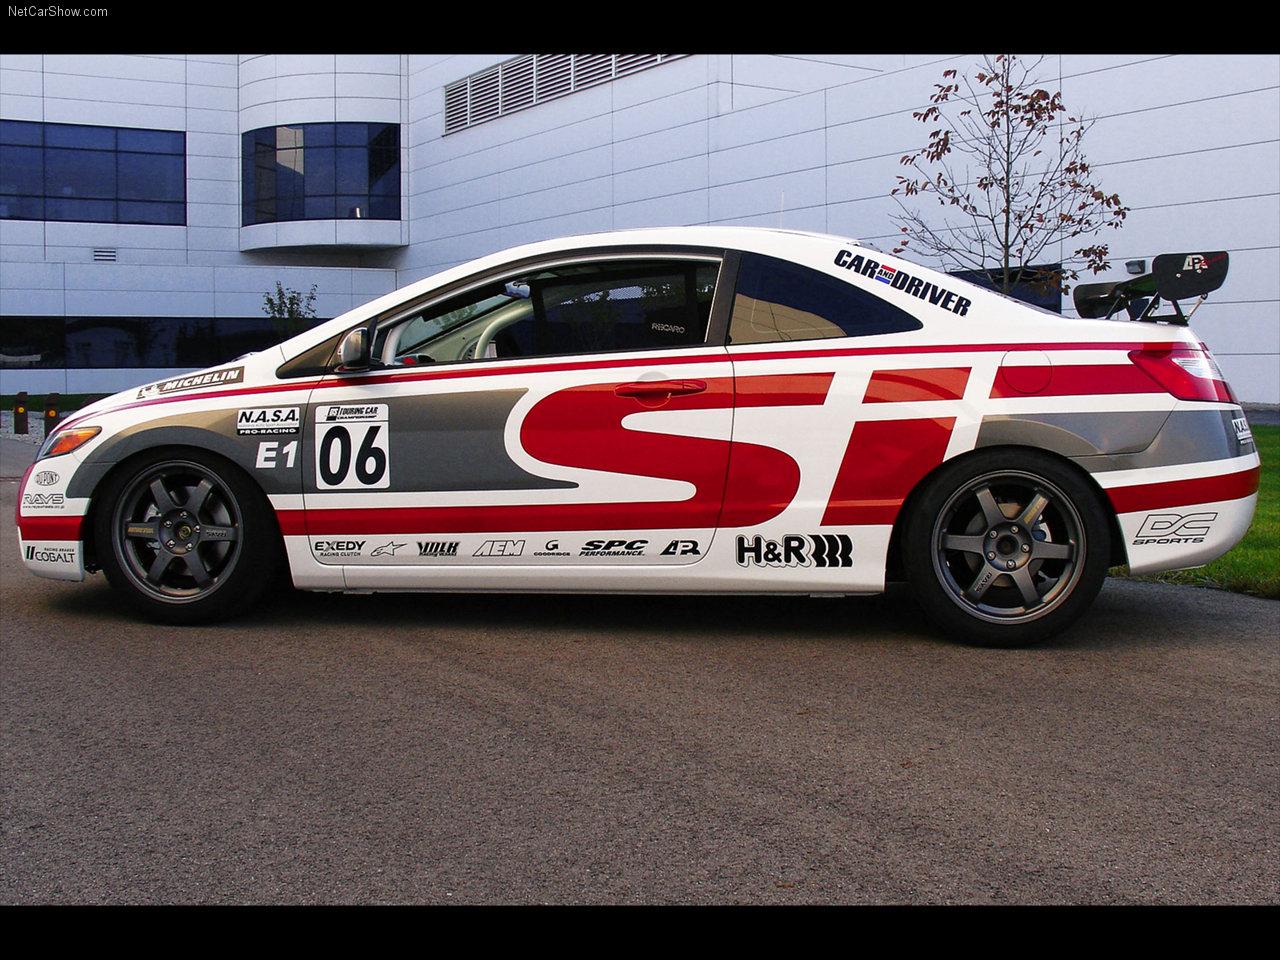 http://1.bp.blogspot.com/-MDGiEXcuWYw/TbRJhxnzVQI/AAAAAAAAF6Q/Vyhu-6tIFH0/s1600/Honda-Civic_Si_Racecar_2006_1280x960_wallpaper_02.jpg